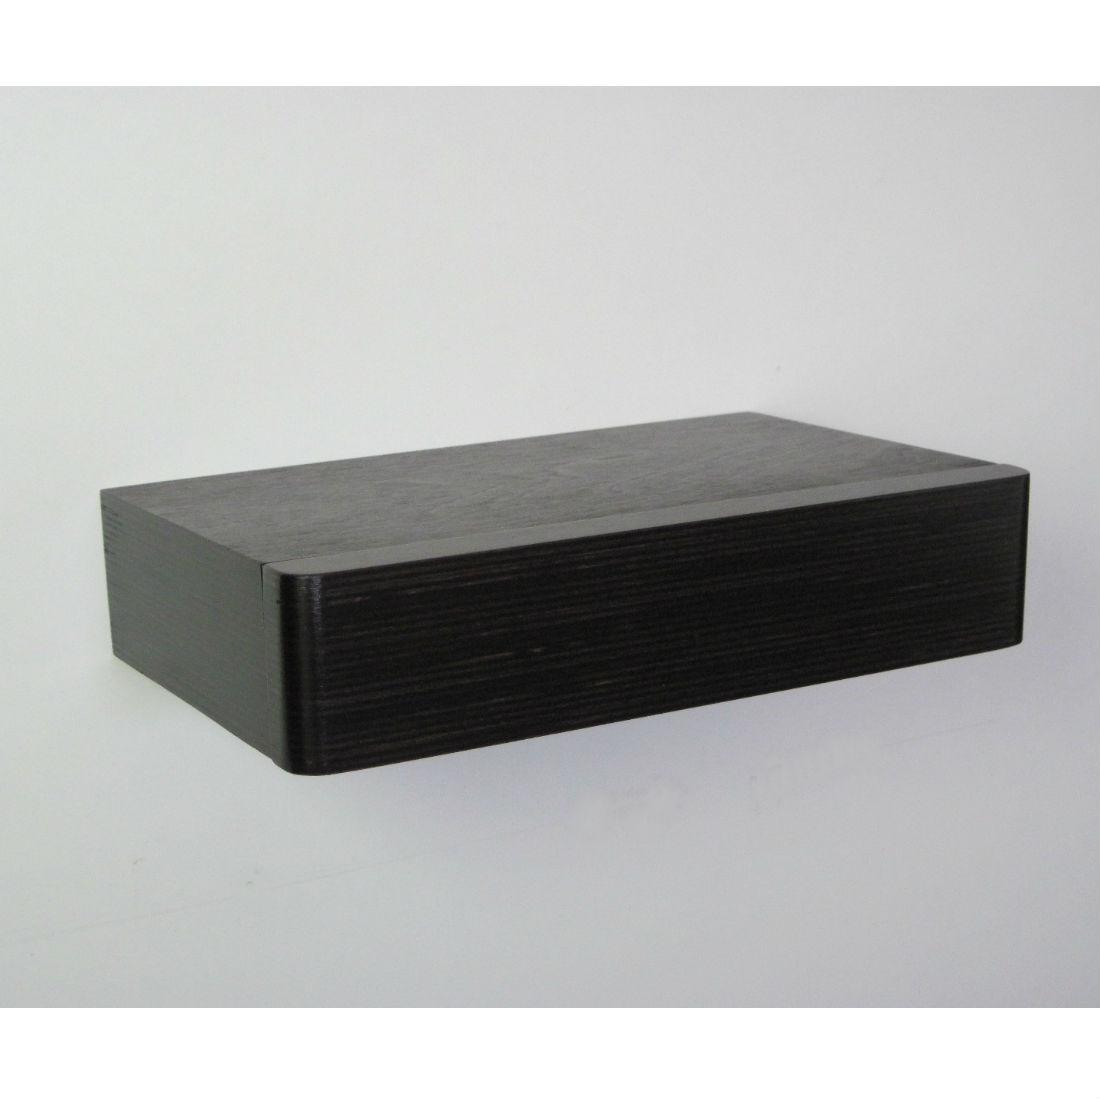 pacco floating shelf drawer walnut bright blue living. Black Bedroom Furniture Sets. Home Design Ideas